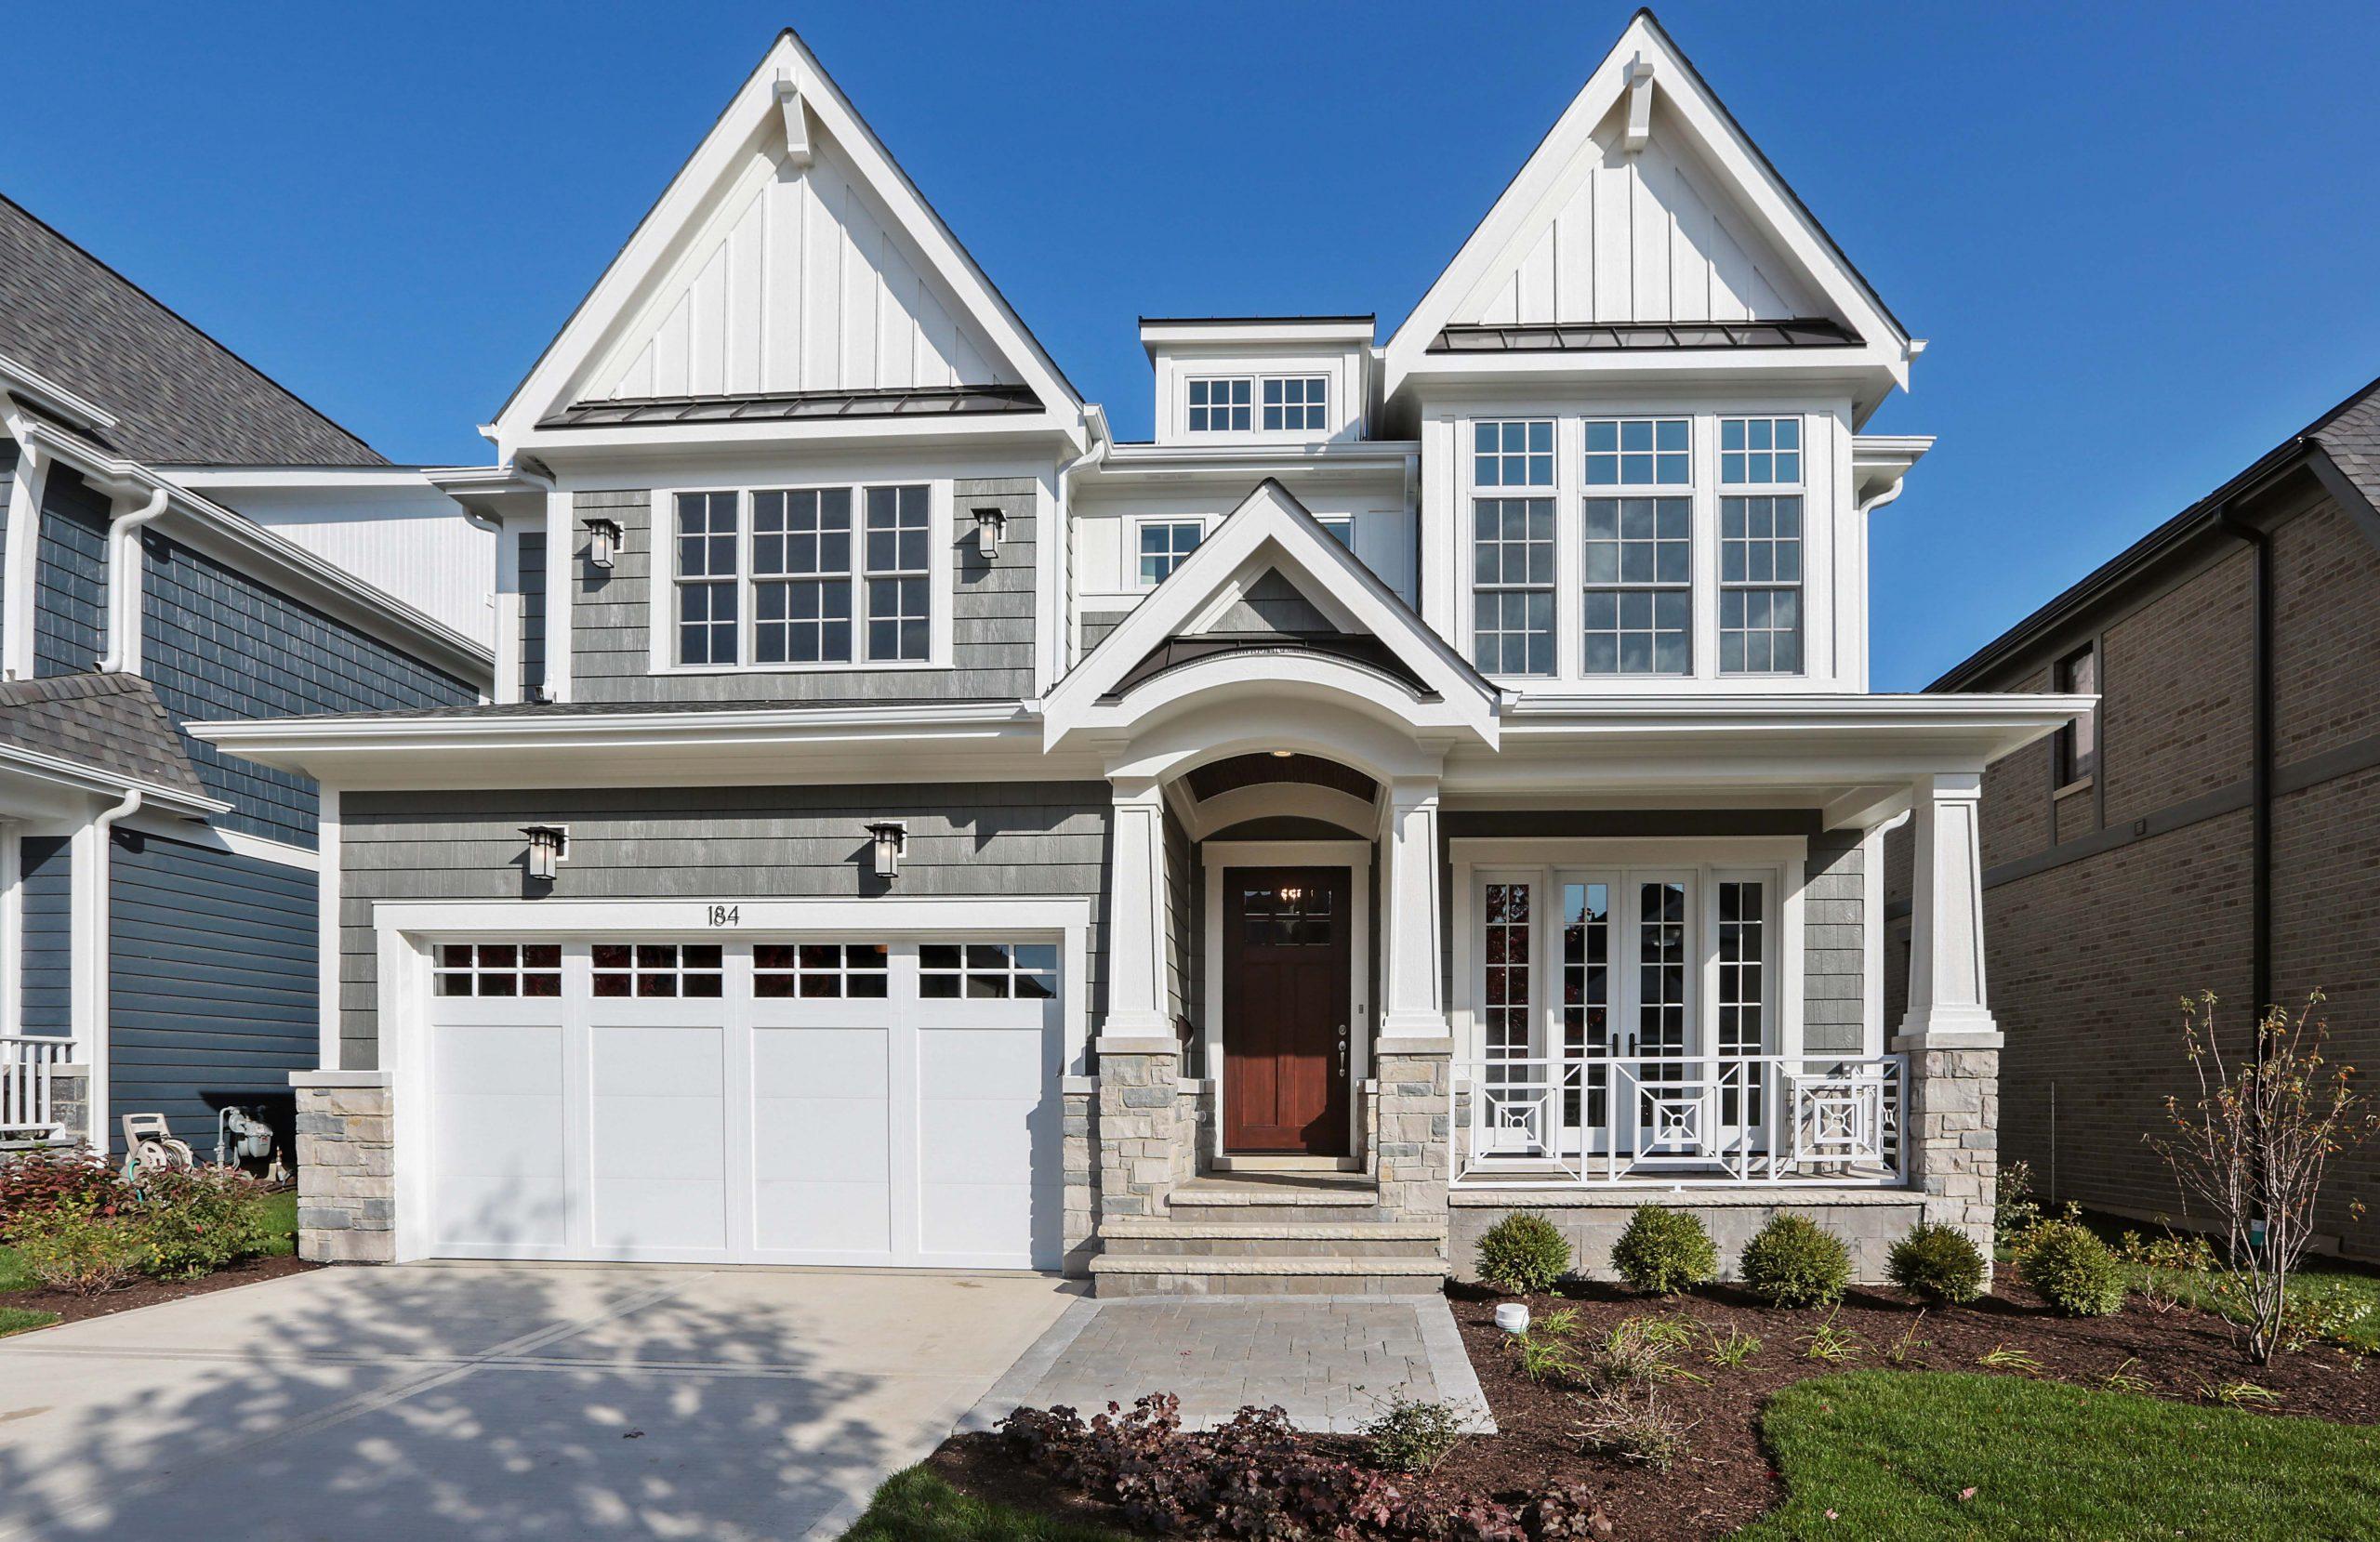 Light gray cedar shake vinyl siding with Azek trim, light colored stone veneer, brown real wood front door, black metal accent roof. White garage door.